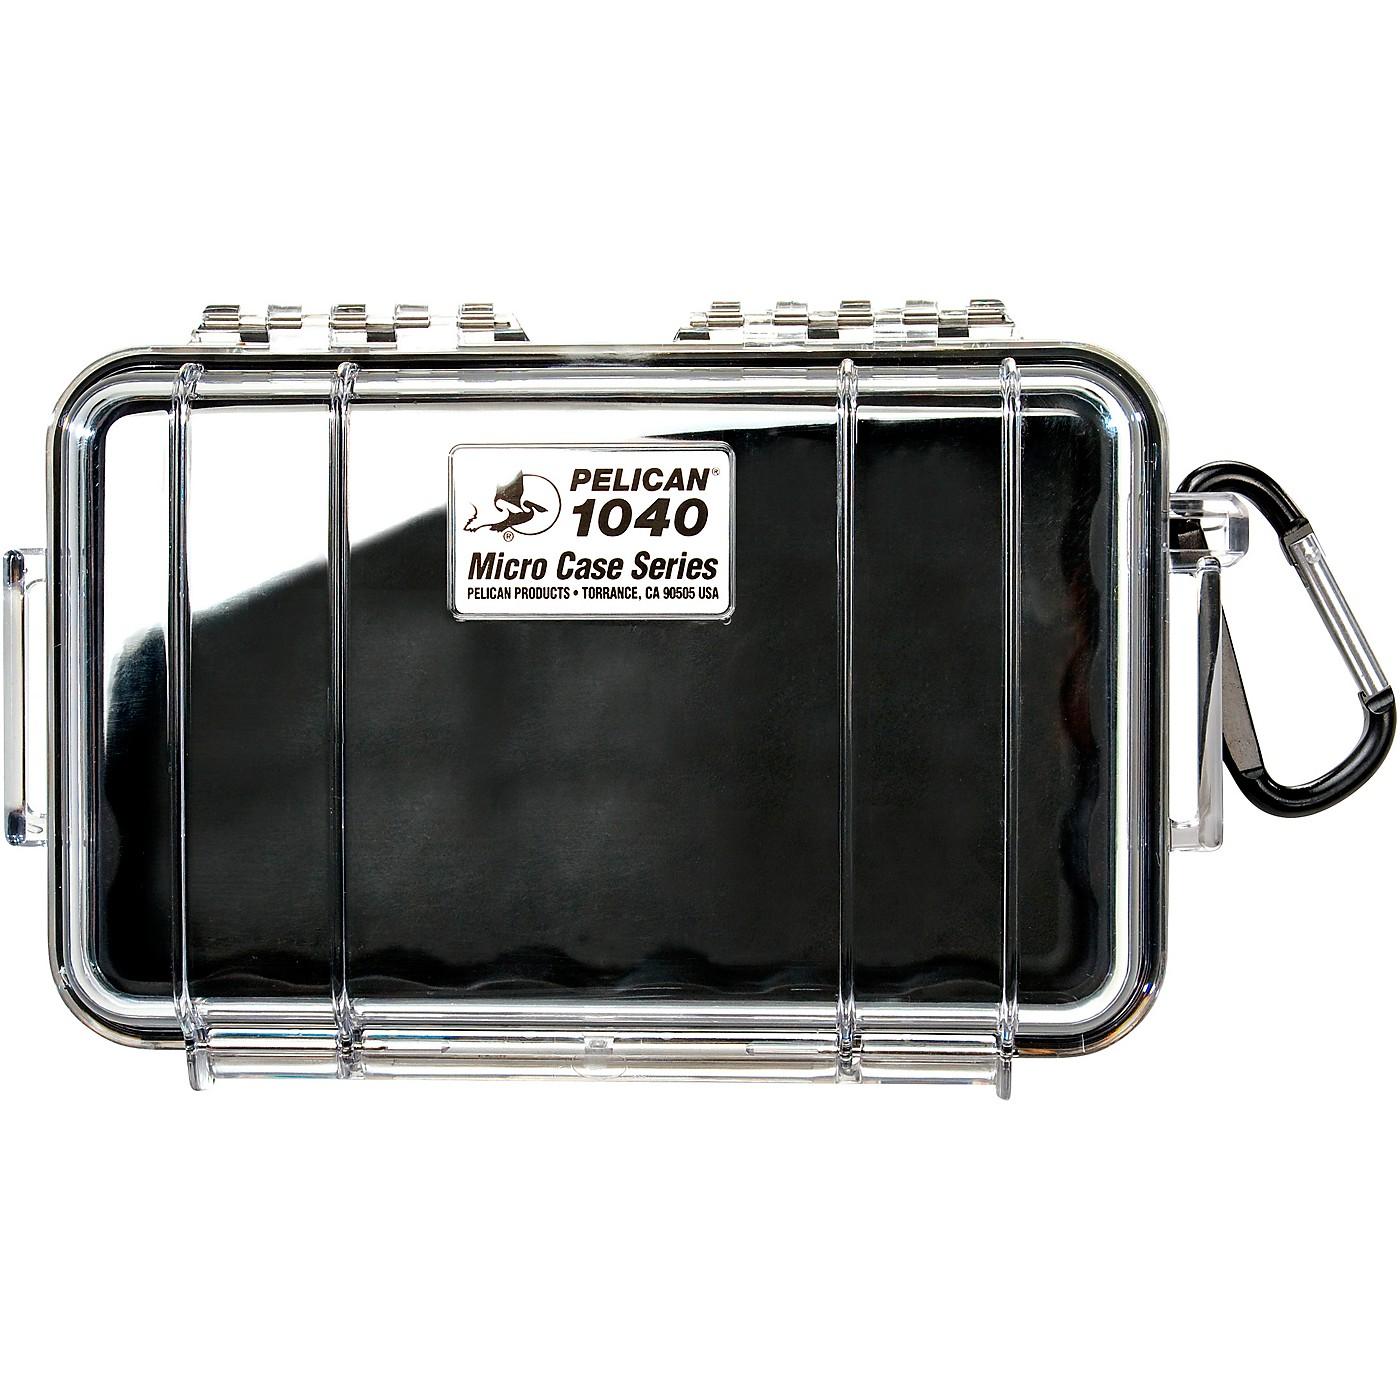 PELICAN 1040 Micro Case thumbnail